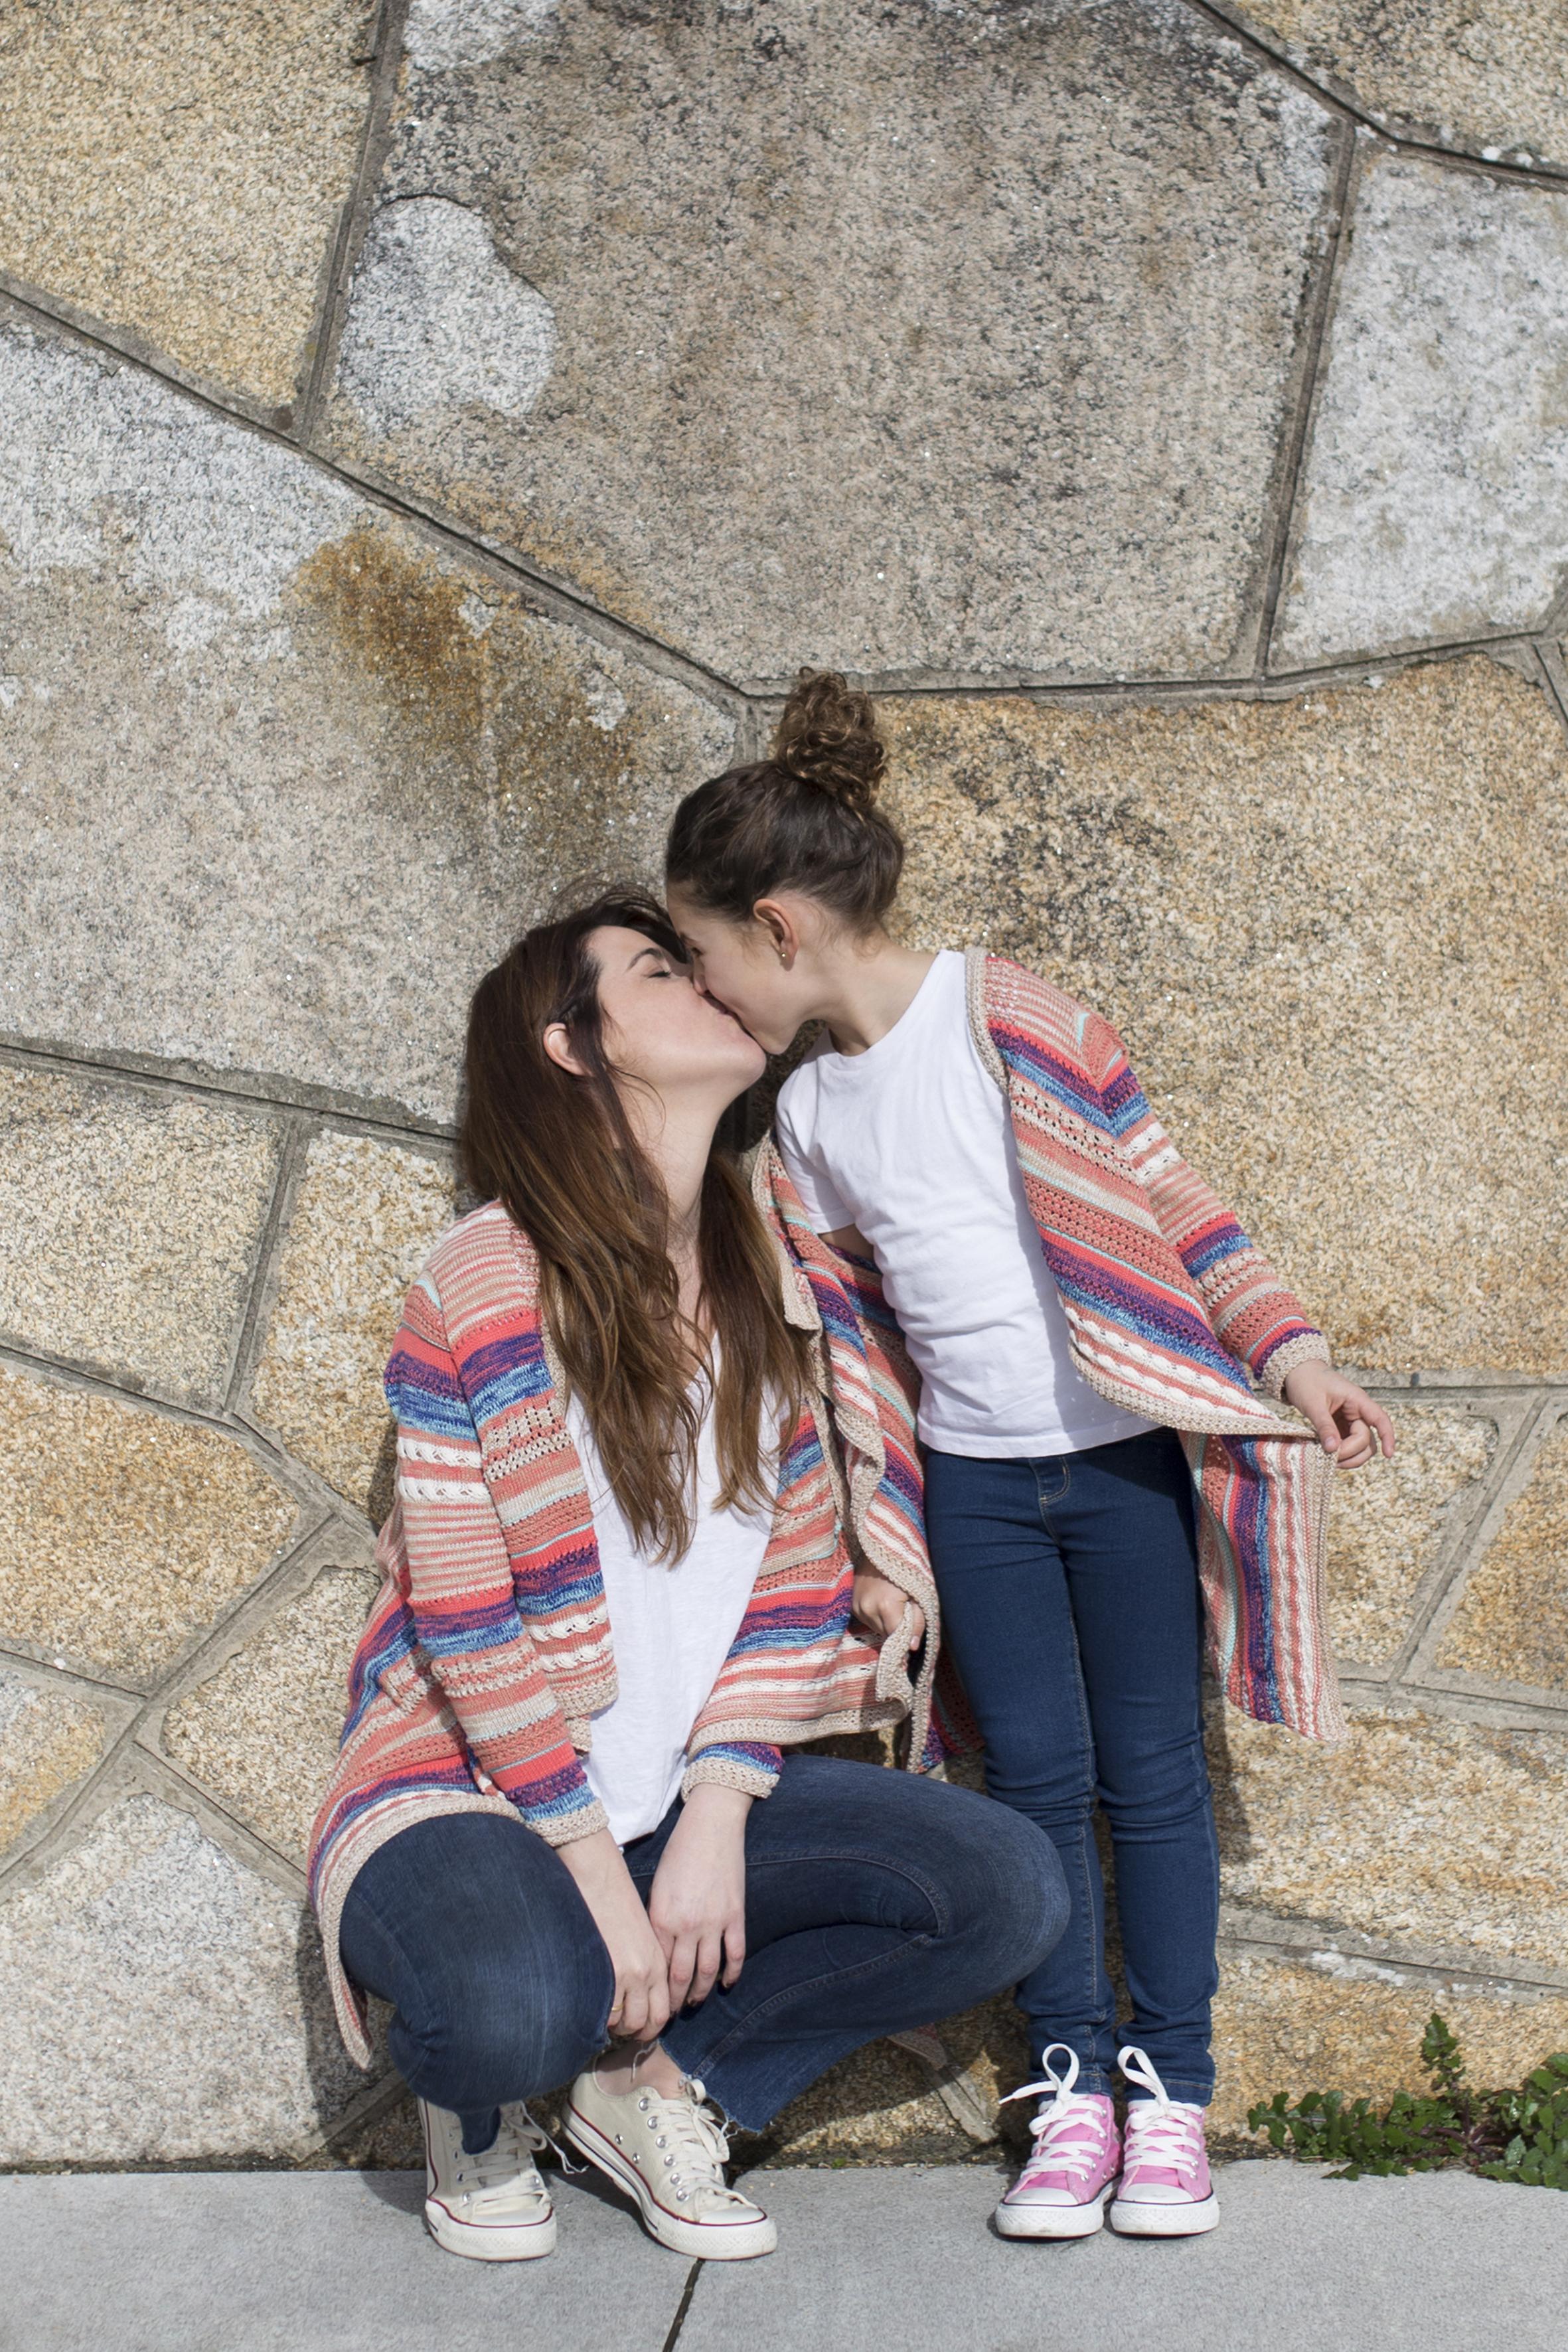 Viajar en familia- lifestyle- descalzaporelparque- ZARA kids- converse-daughter